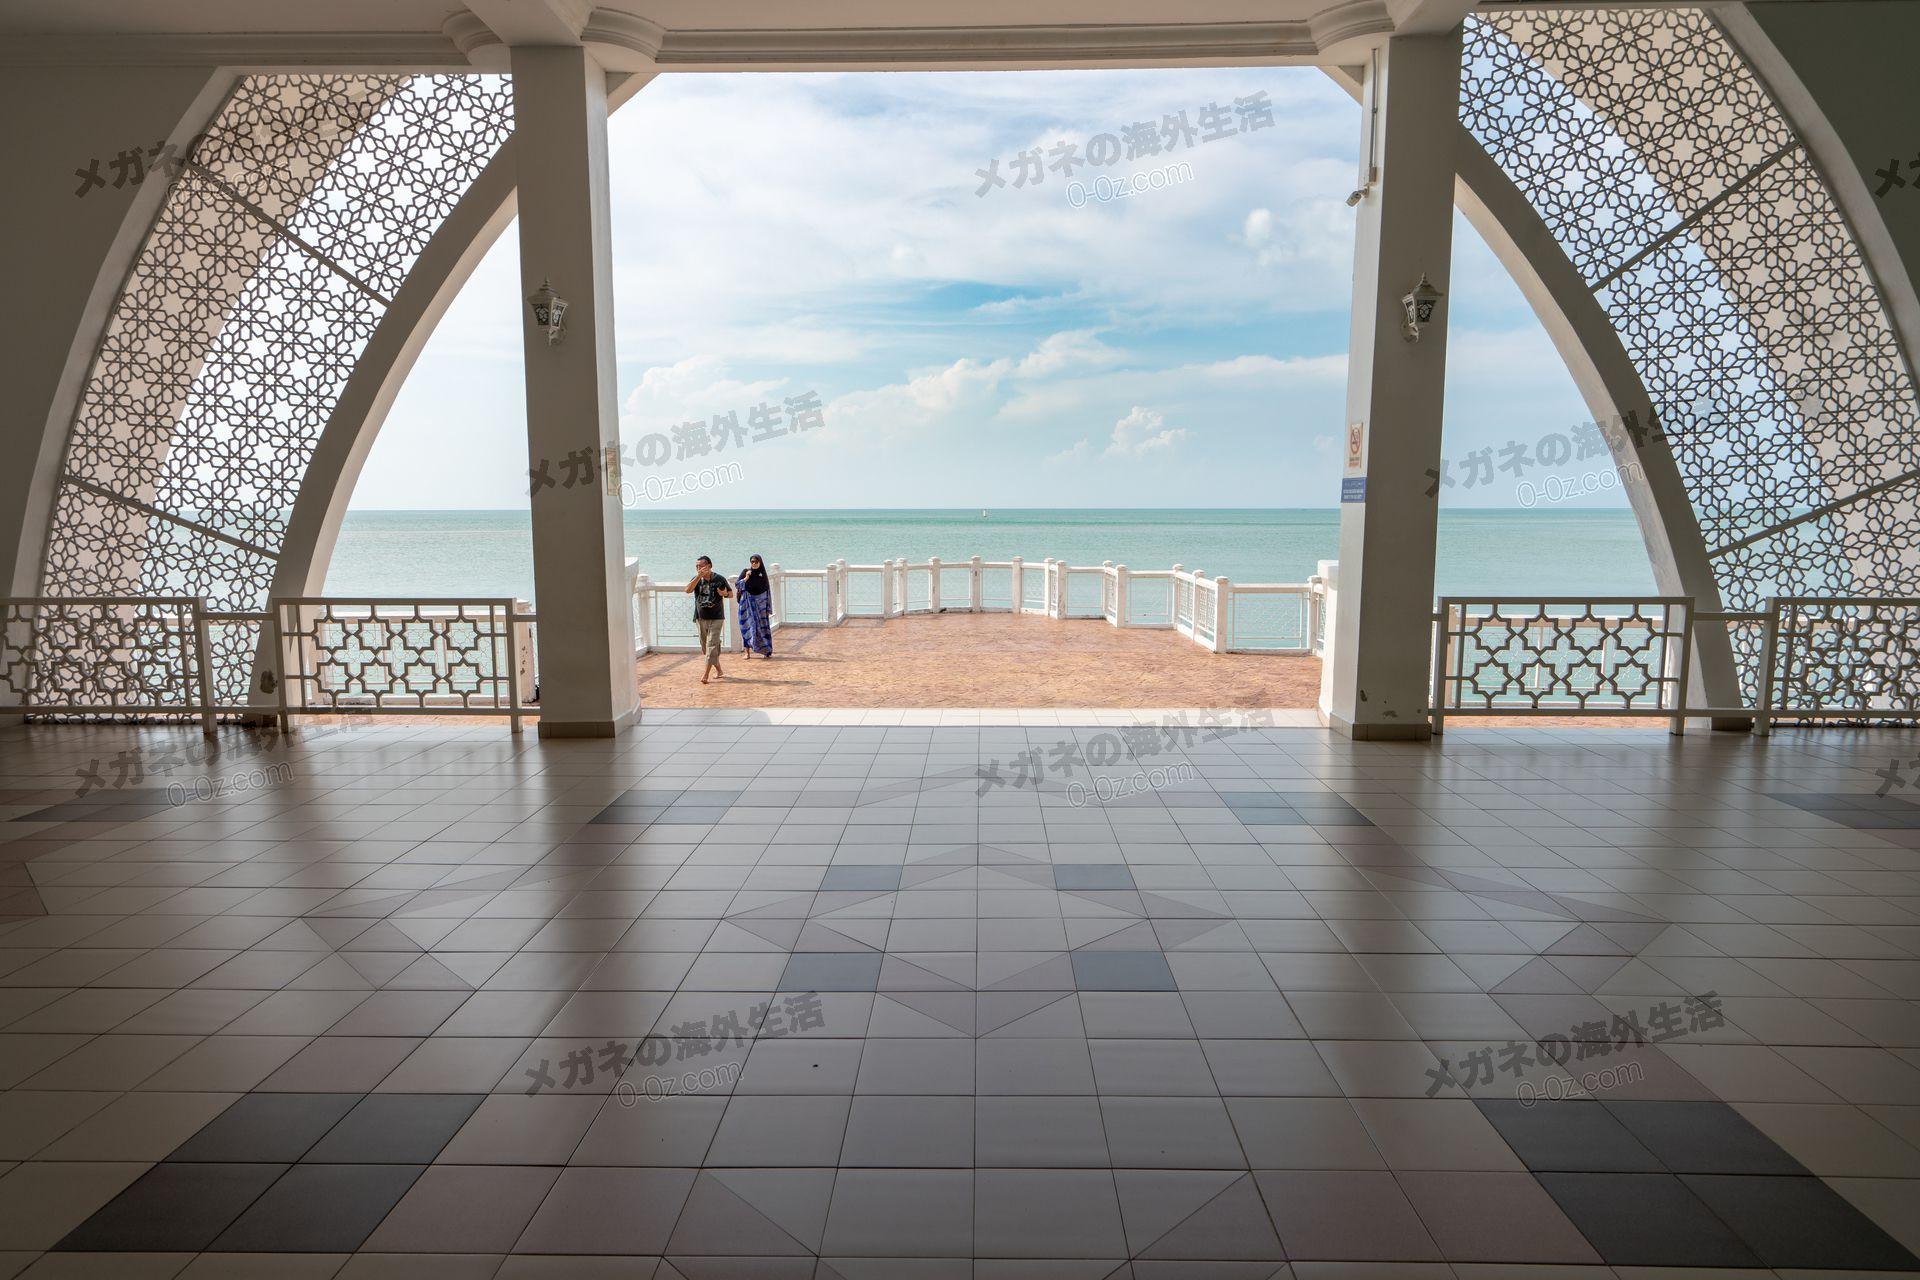 水上モスクからみるマラッカ海峡